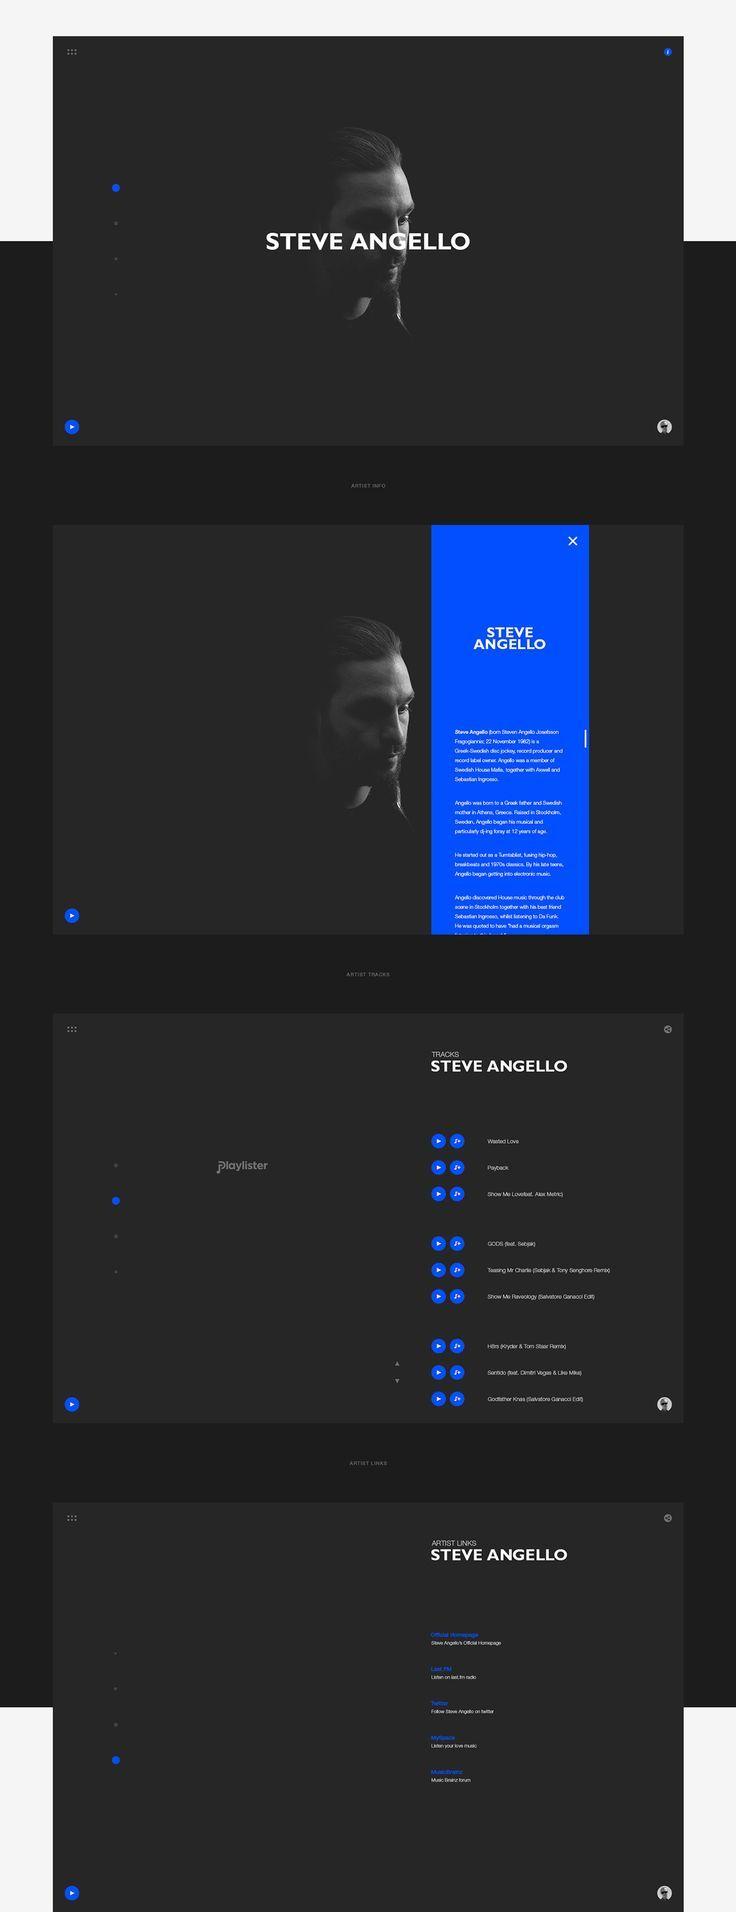 BBC RADIO Website Redesign by Alexey Yurkov & Vadim Omelchenko